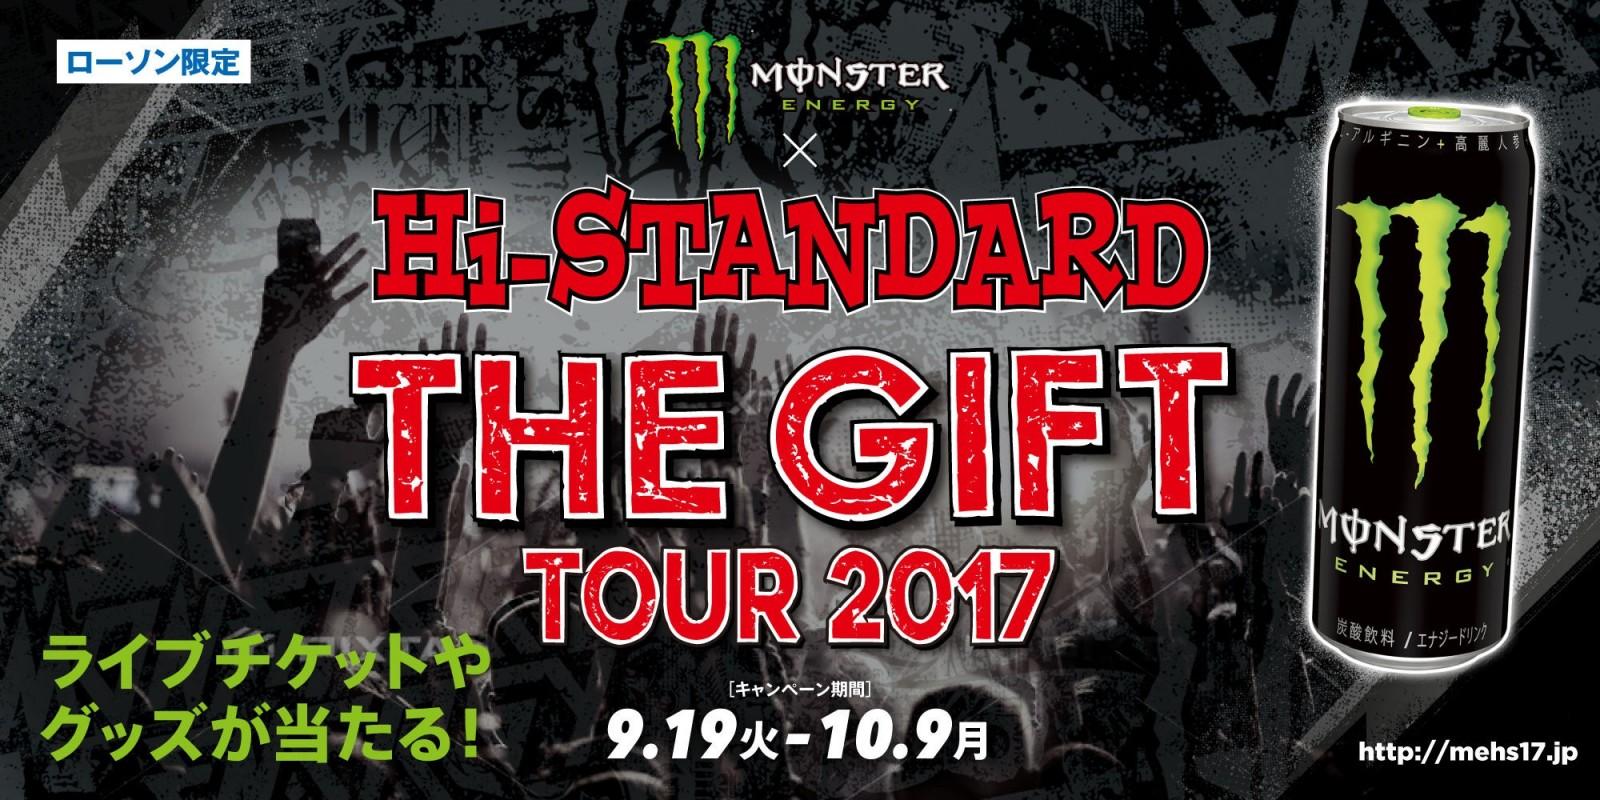 Japan Graphic for Hi-Standard Tour Retail Campaign